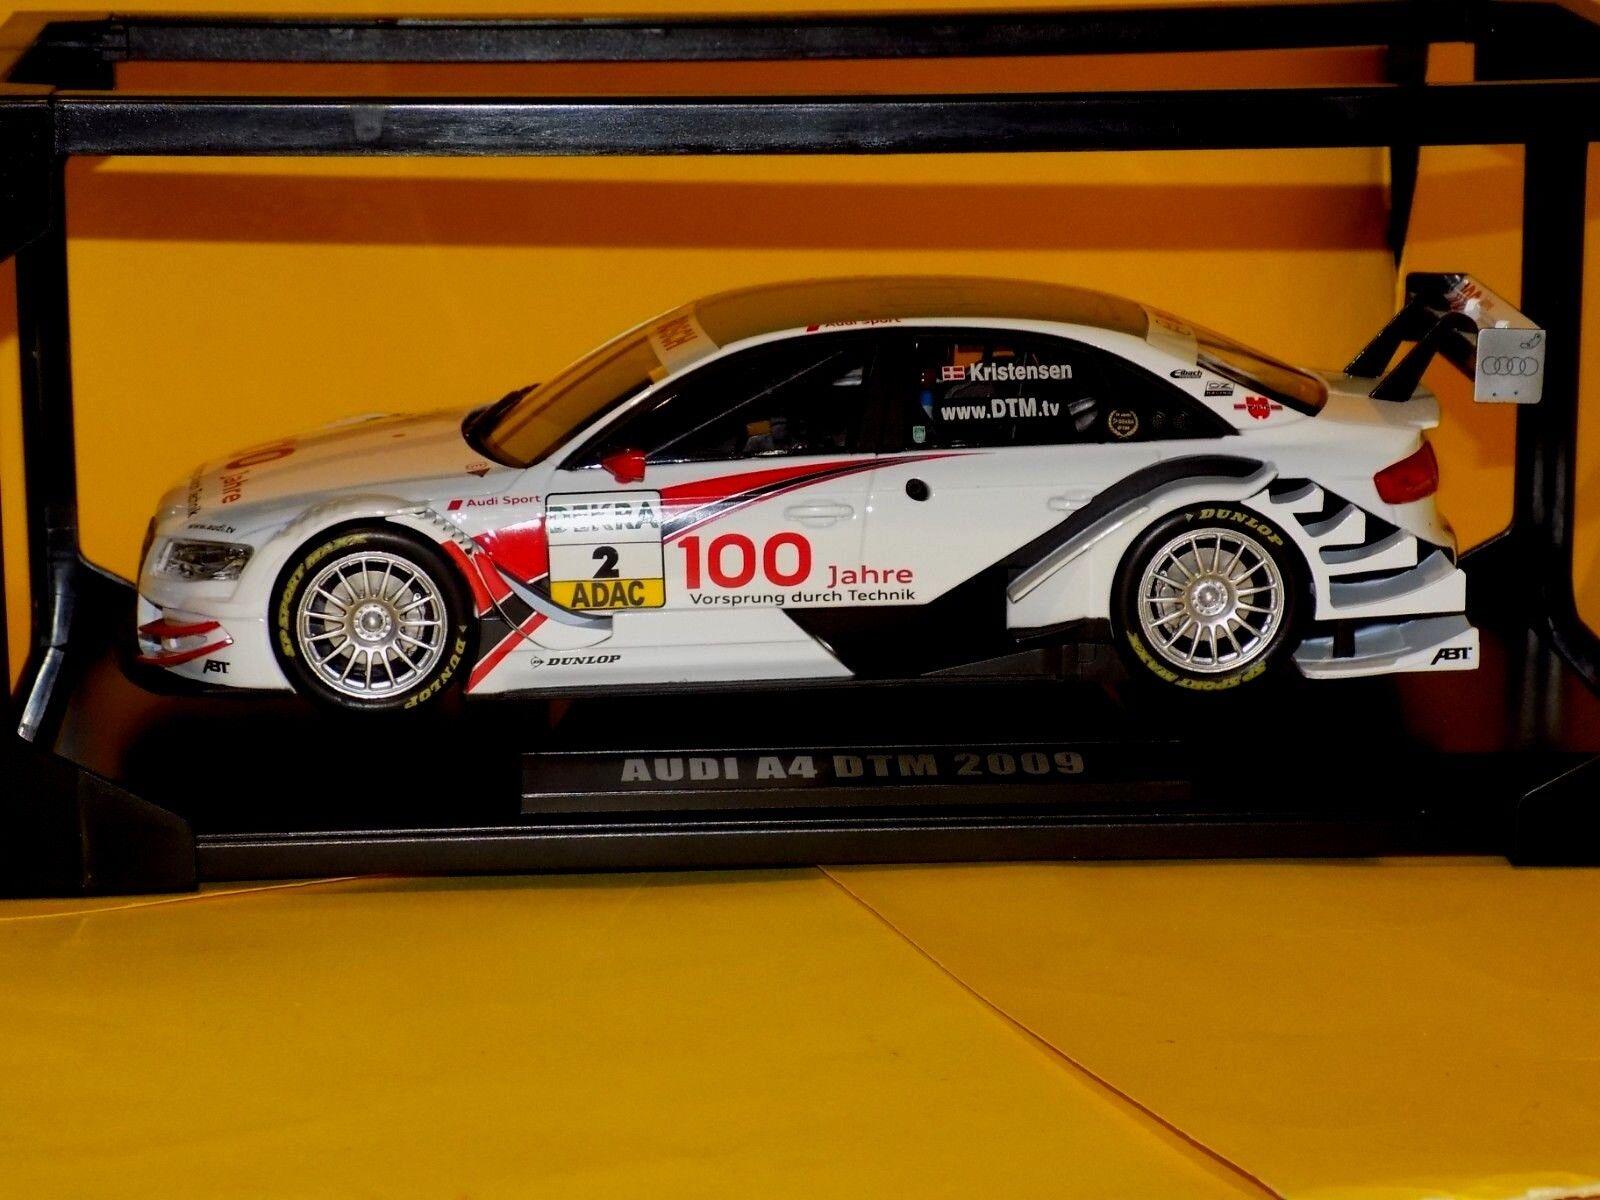 Audi A4 DTM   2 DTM 2009 KRISTENSEN  NOREV 188329  1 18